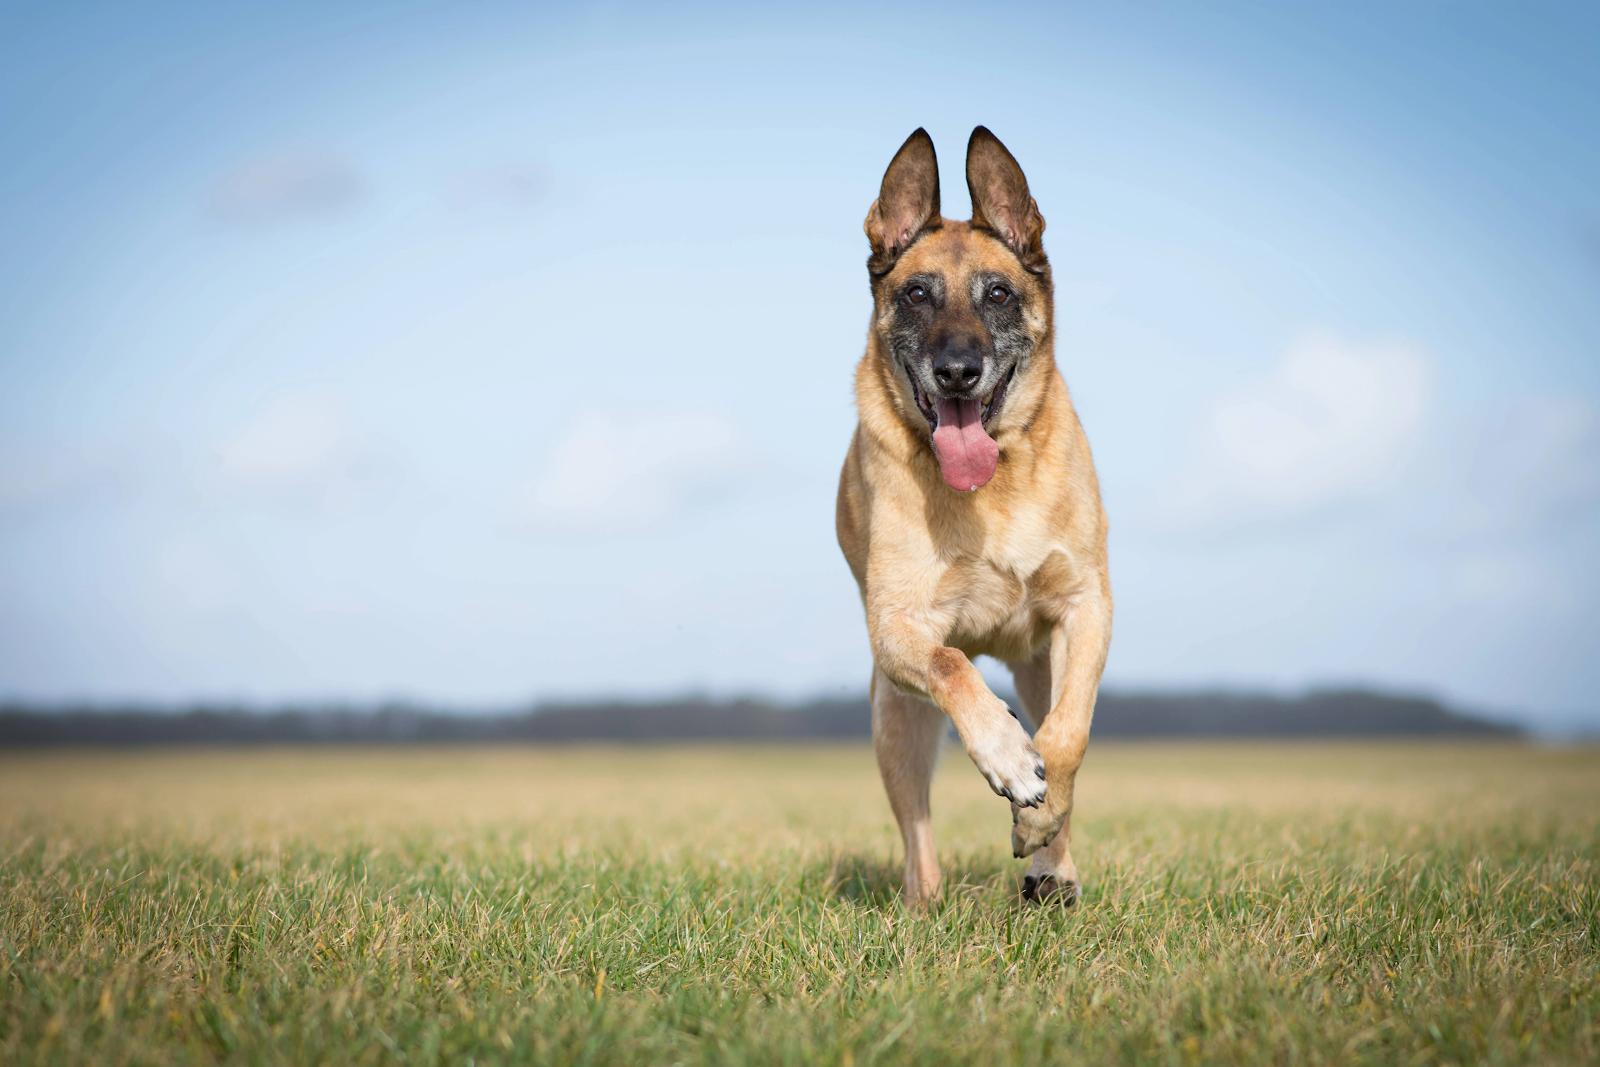 German Shepherd frolicking in an open field